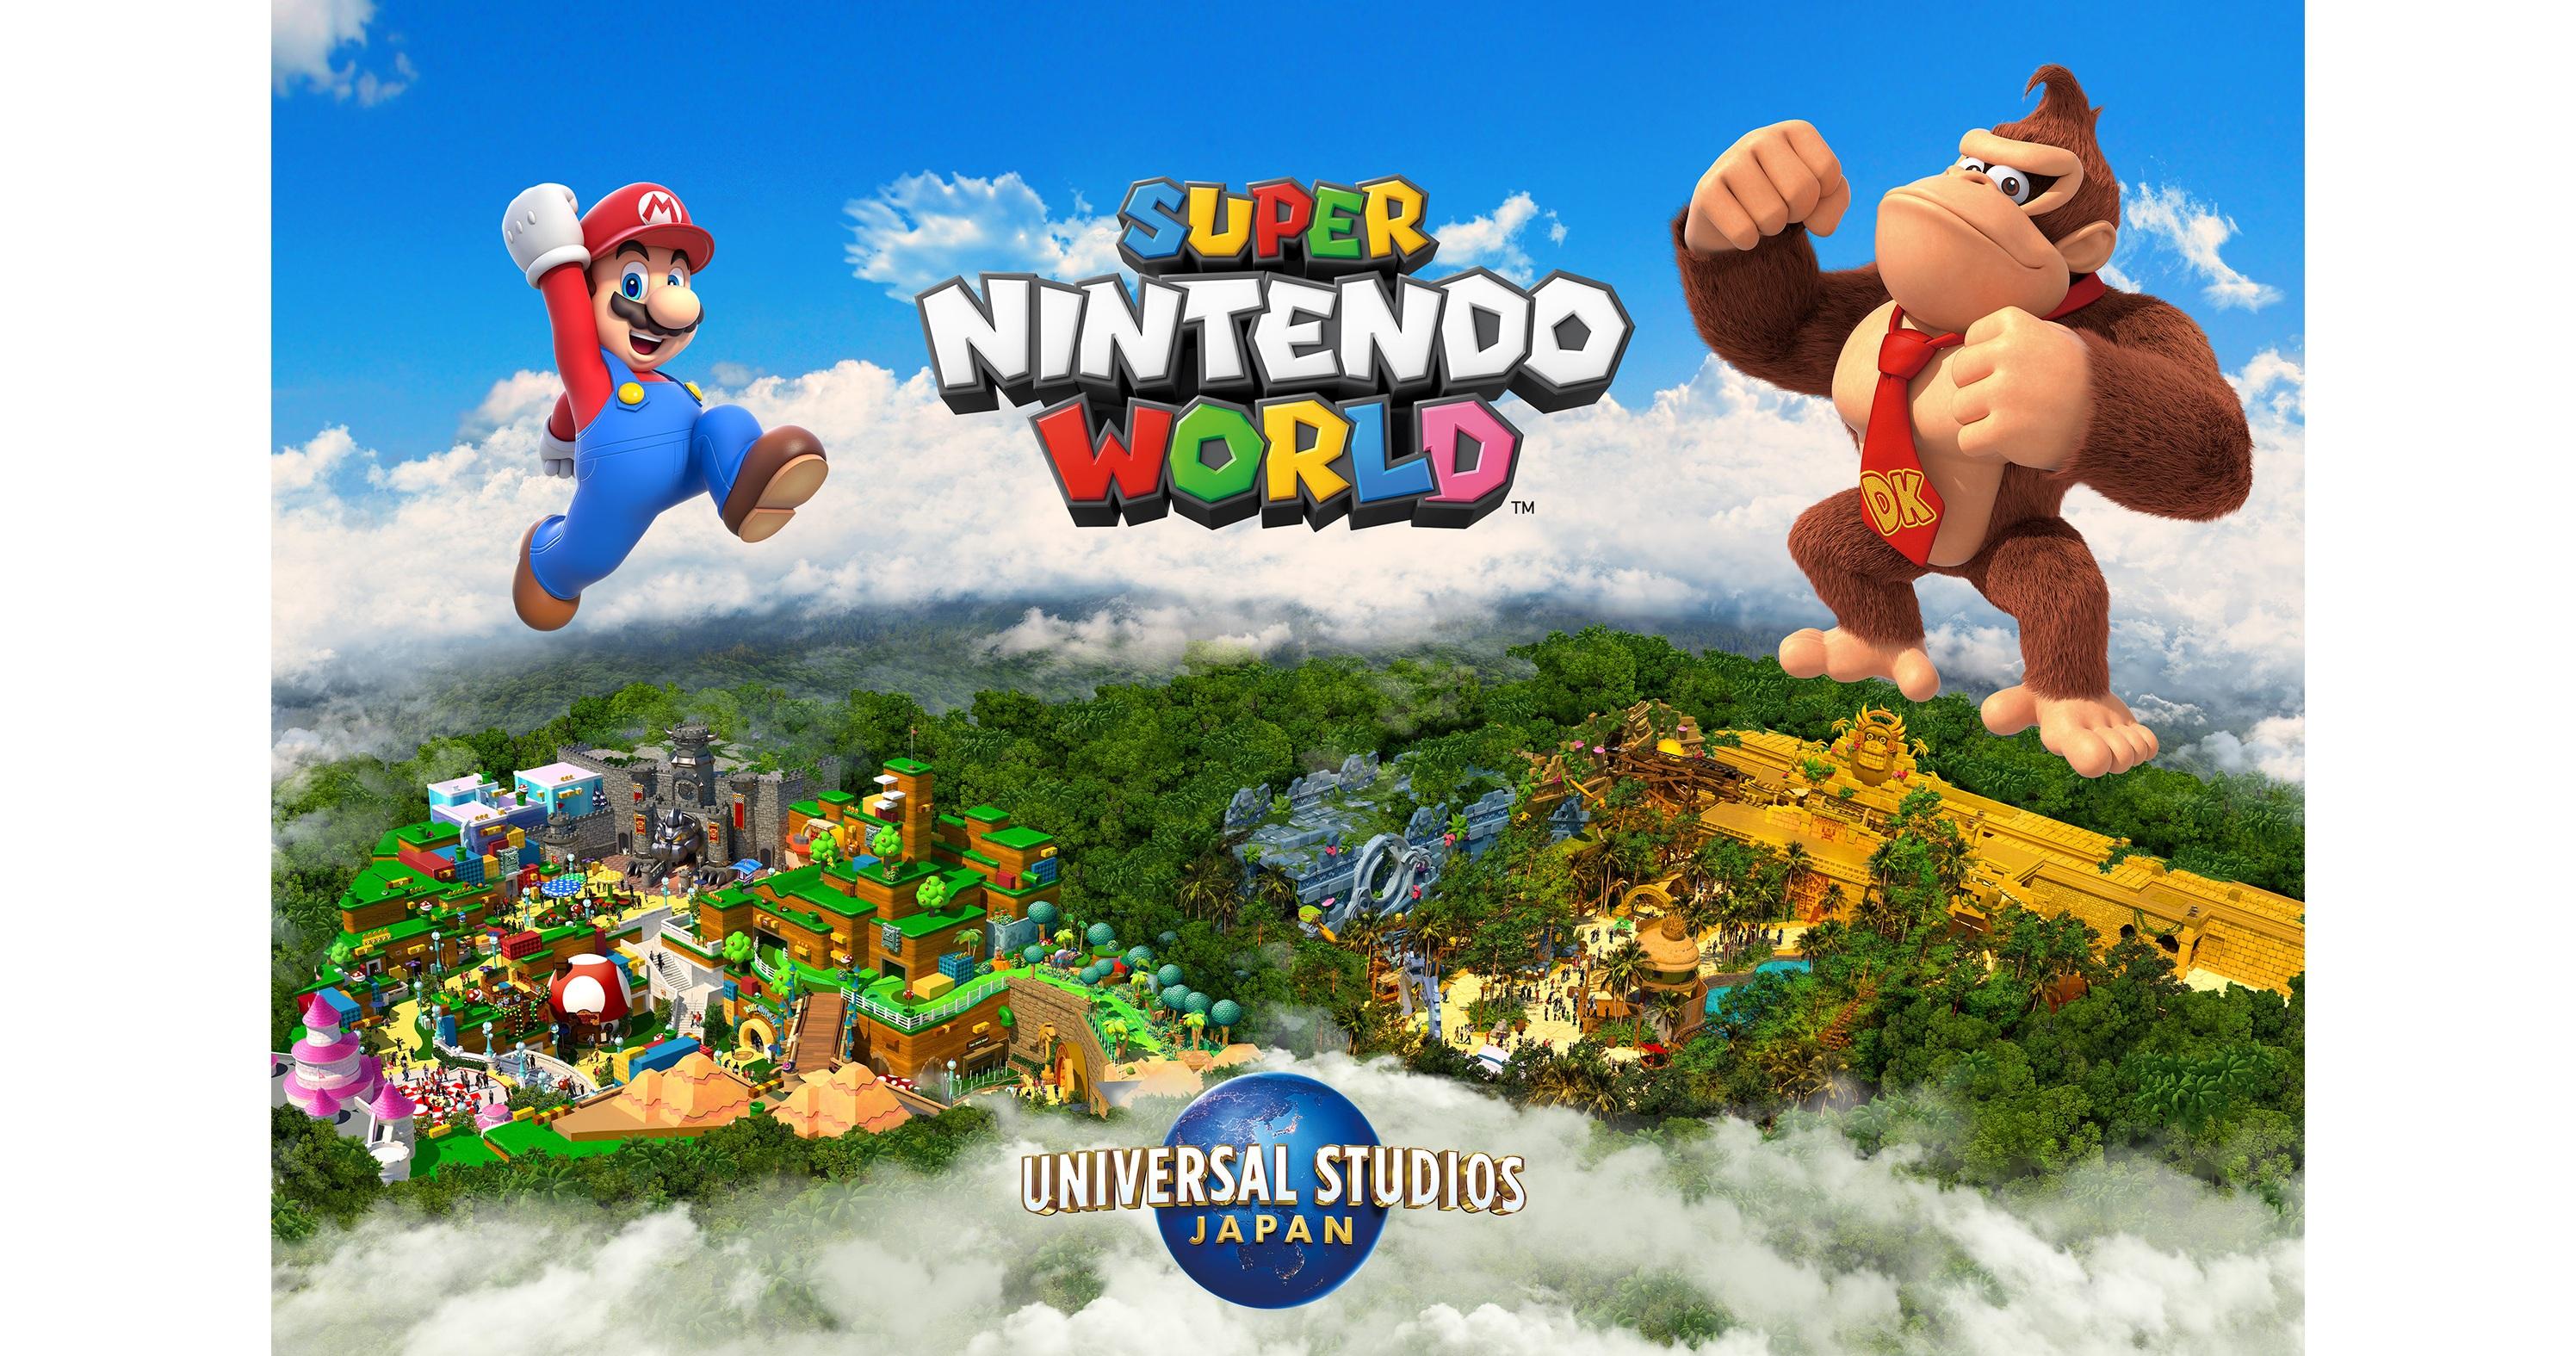 「スーパー・ニンテンドー・ワールド」Universal Studio Japan1